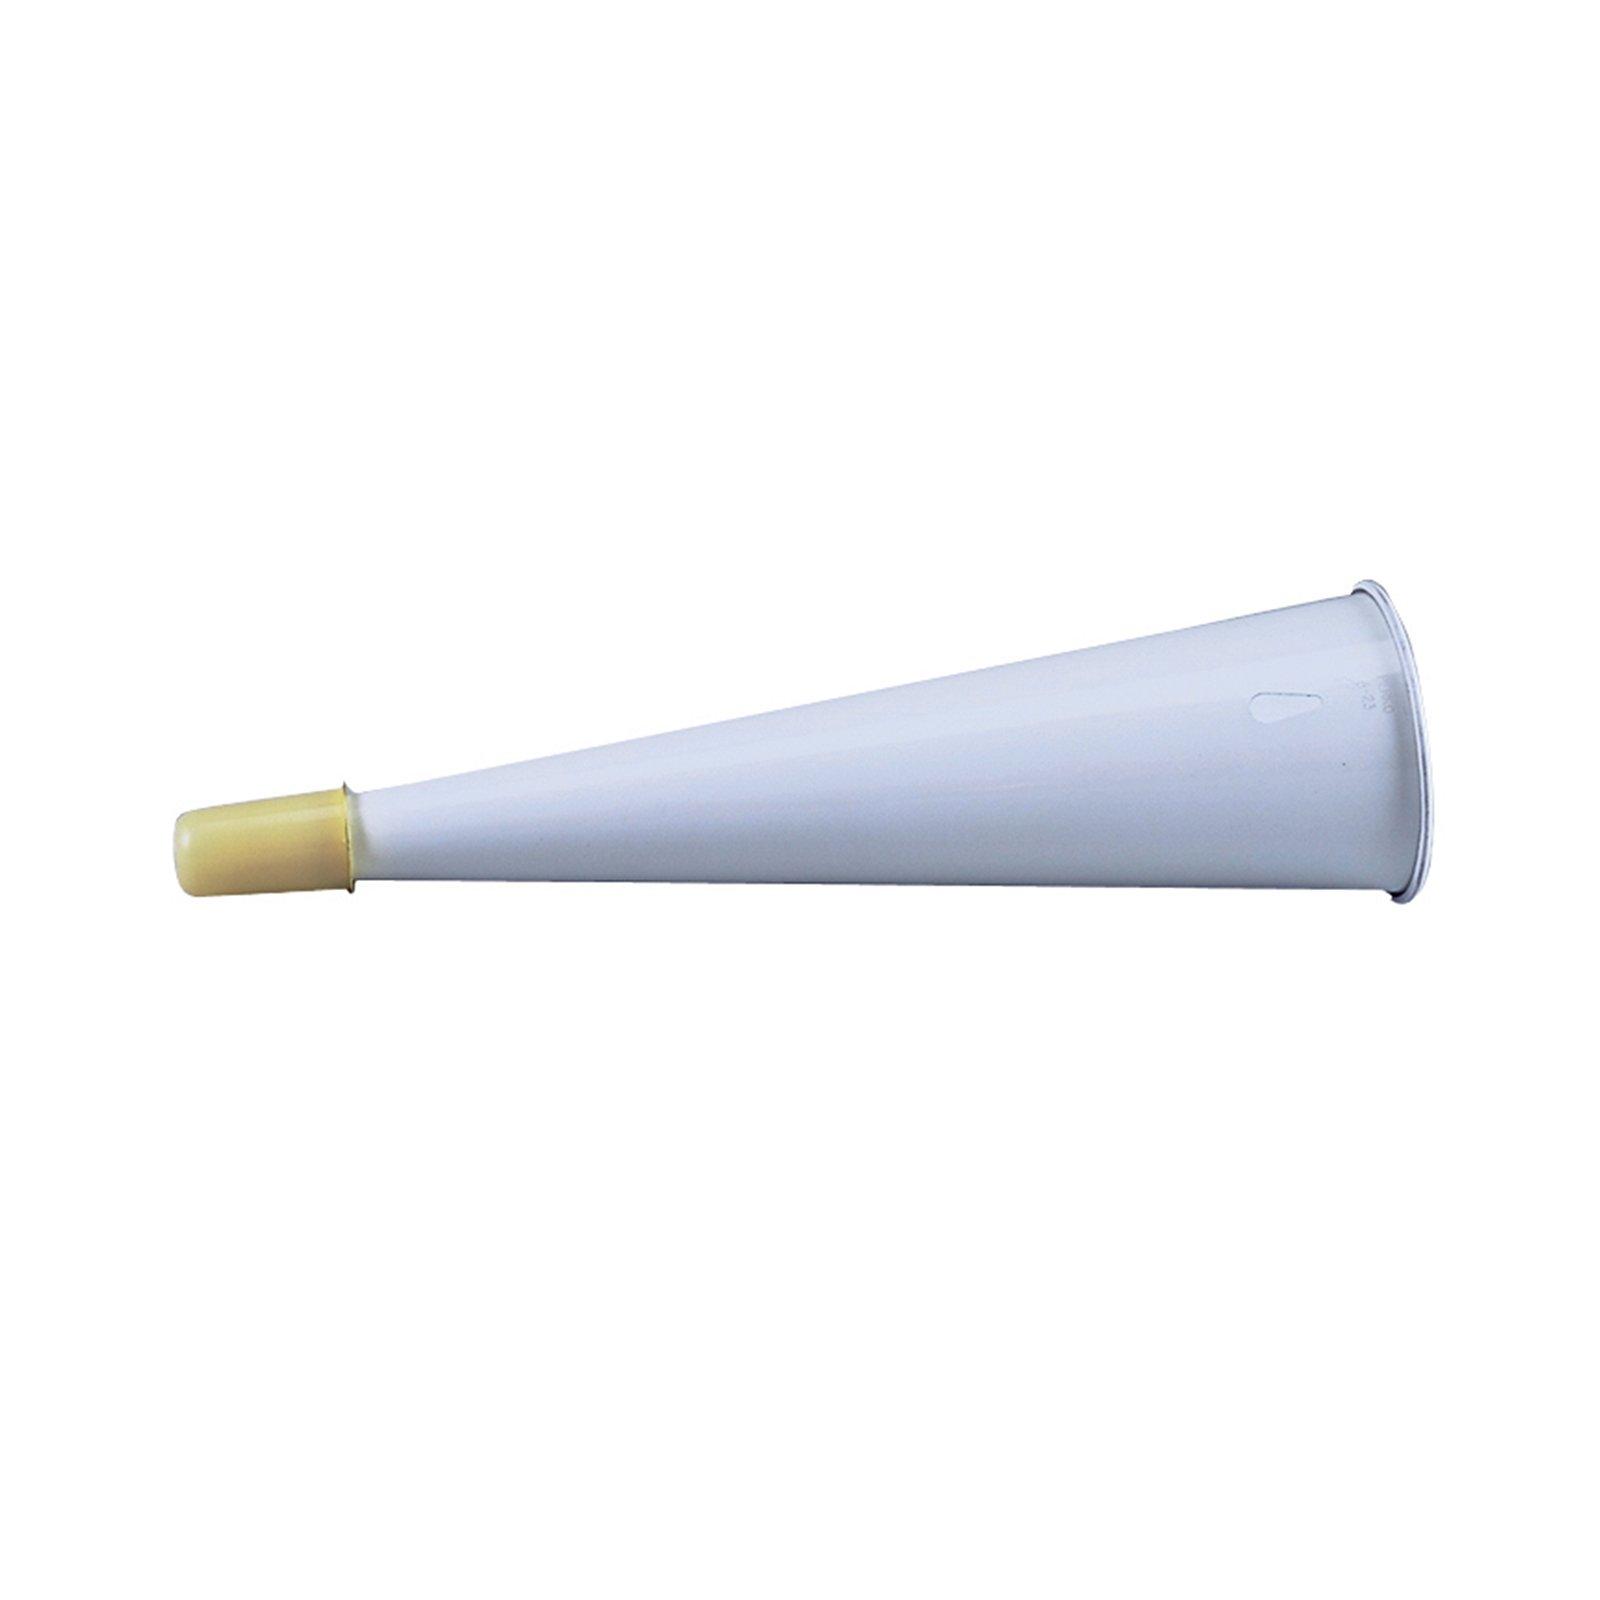 Perko 0162DP0WHT Fog Horn